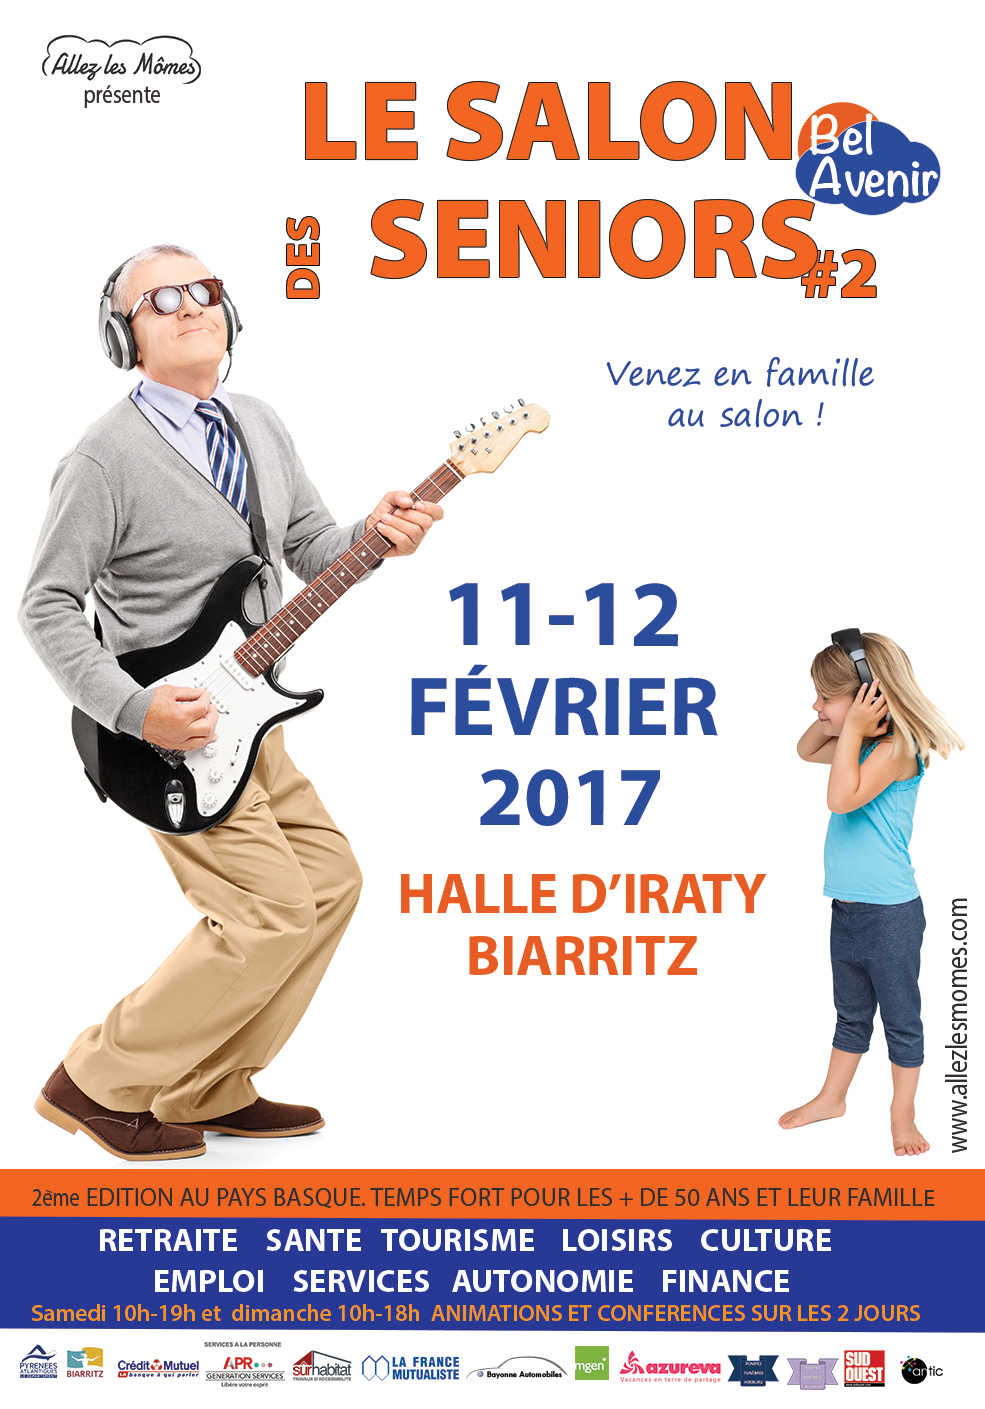 Bel avenir salon des seniors se tiendra biarritz les for Salon des seniors paris